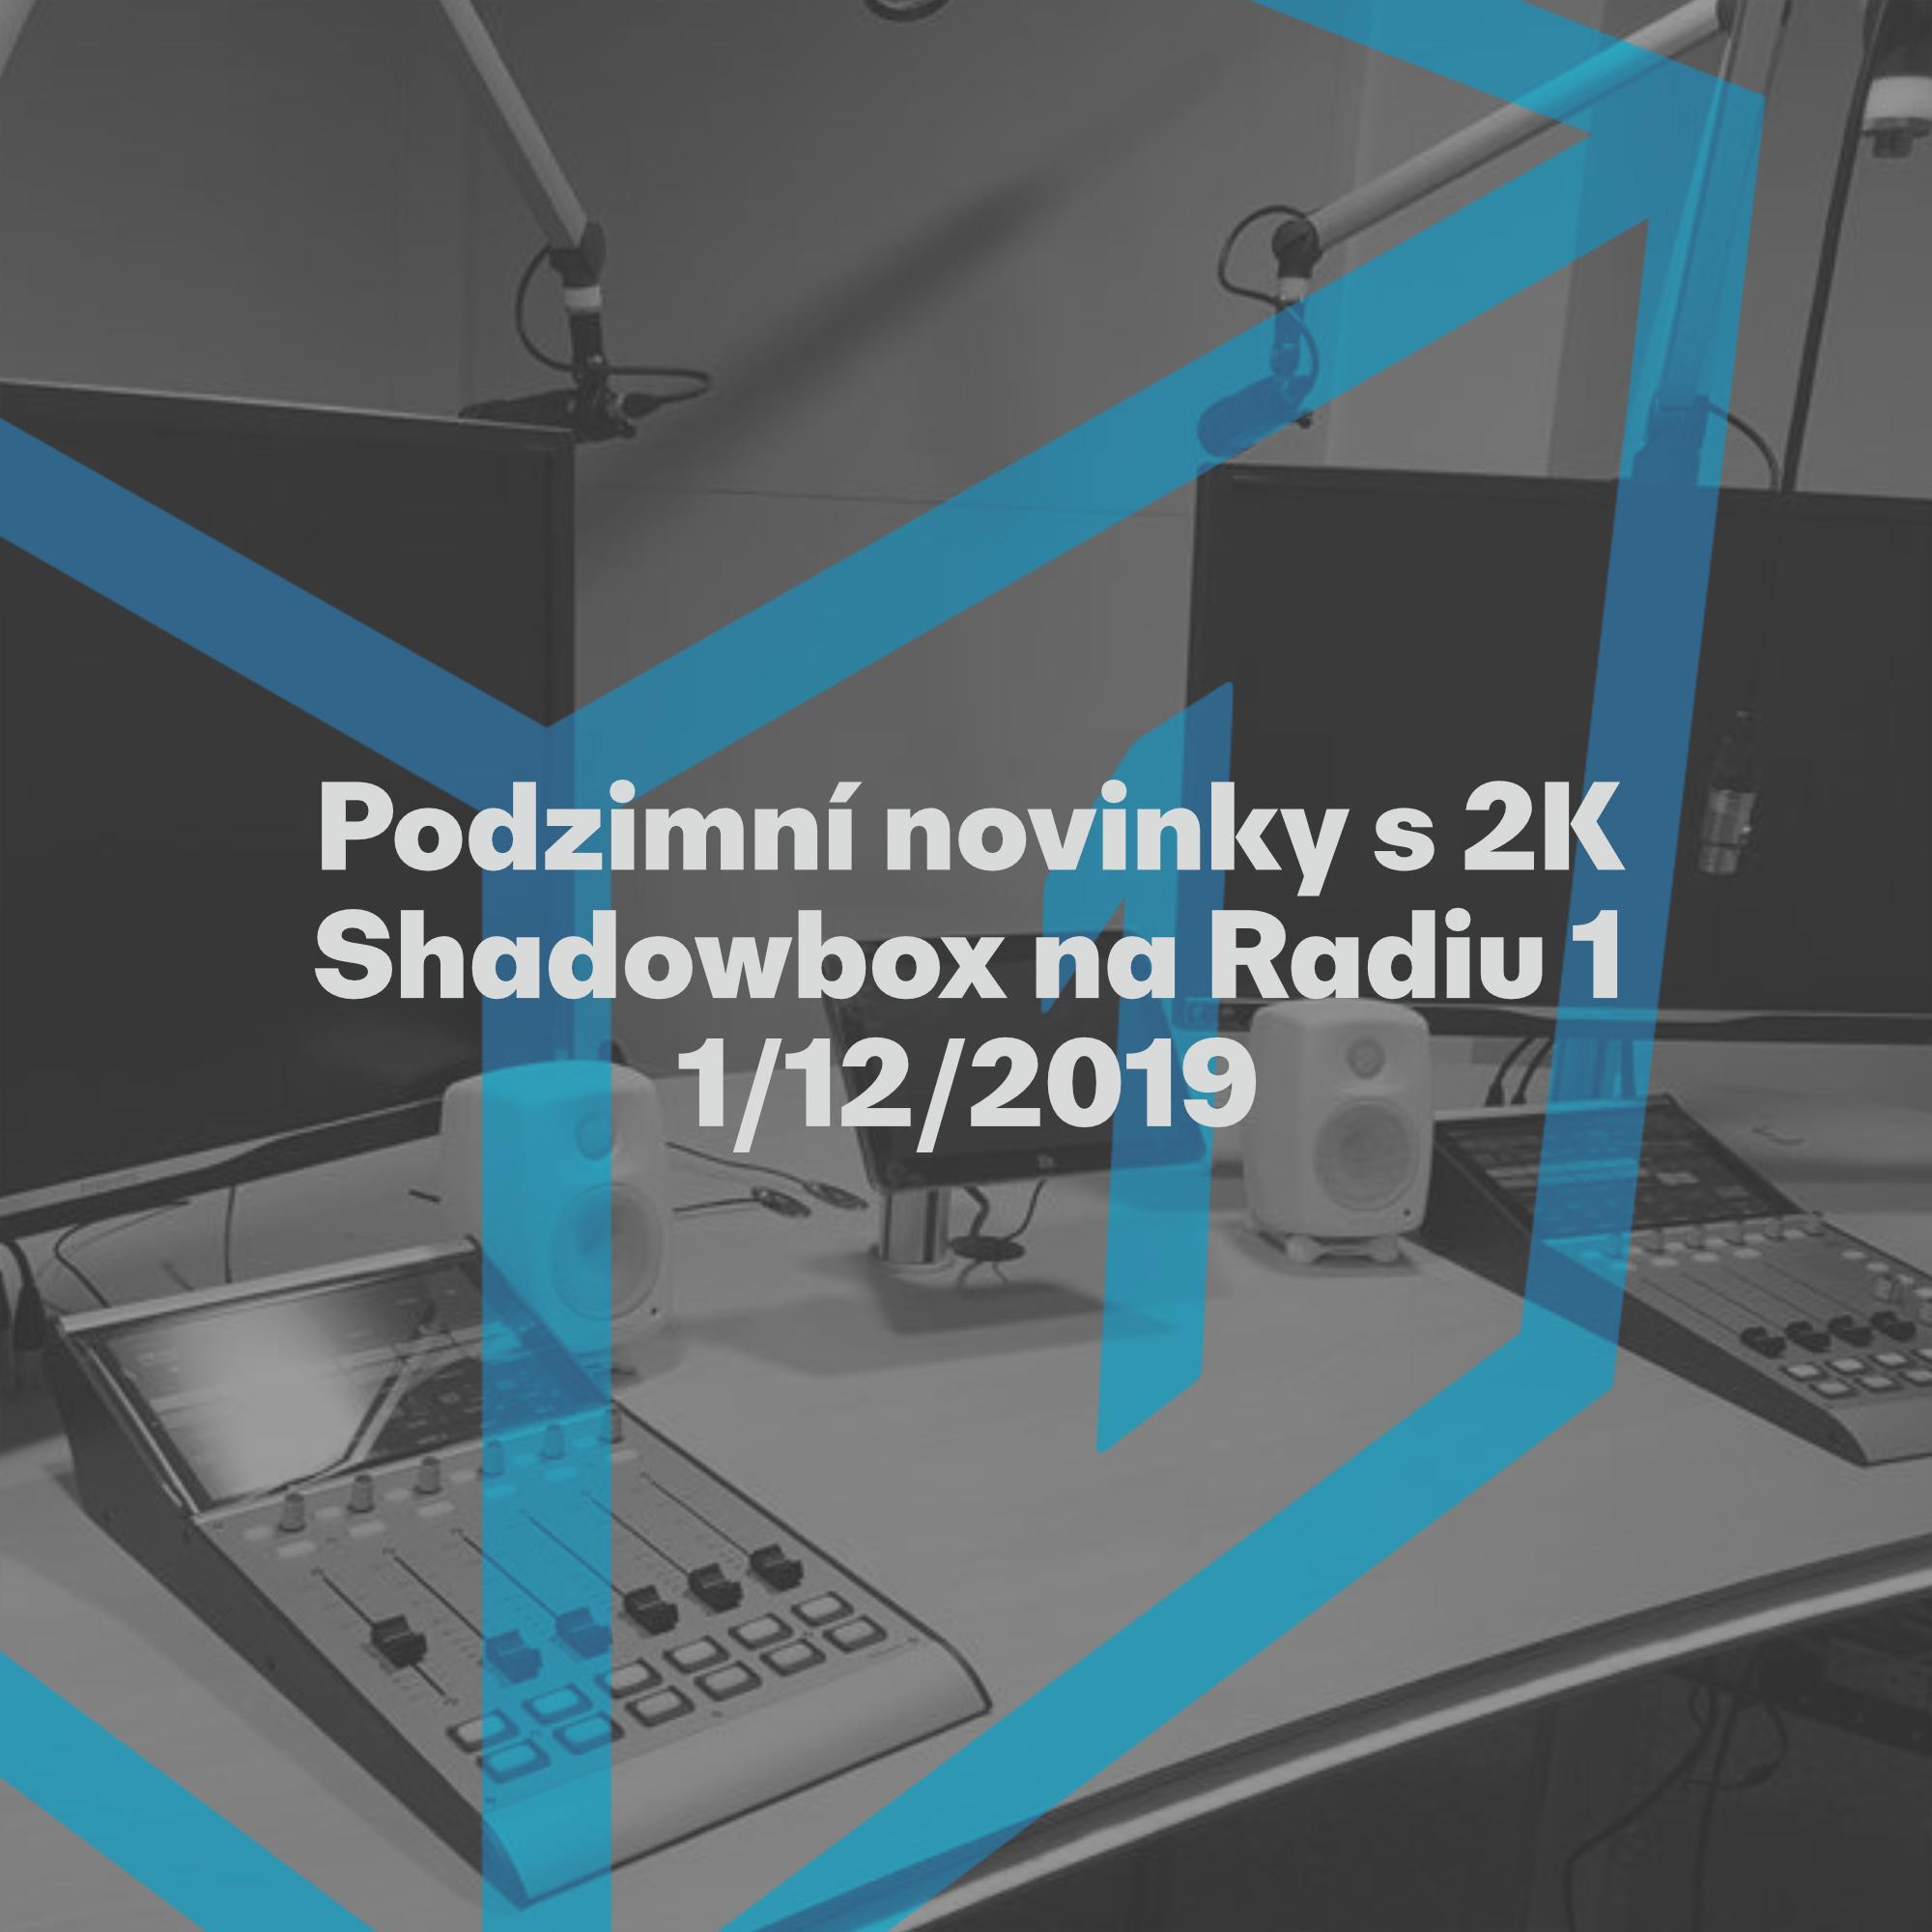 Shadowbox @ Radio 1 01/12/2019: Novinky z nového studia